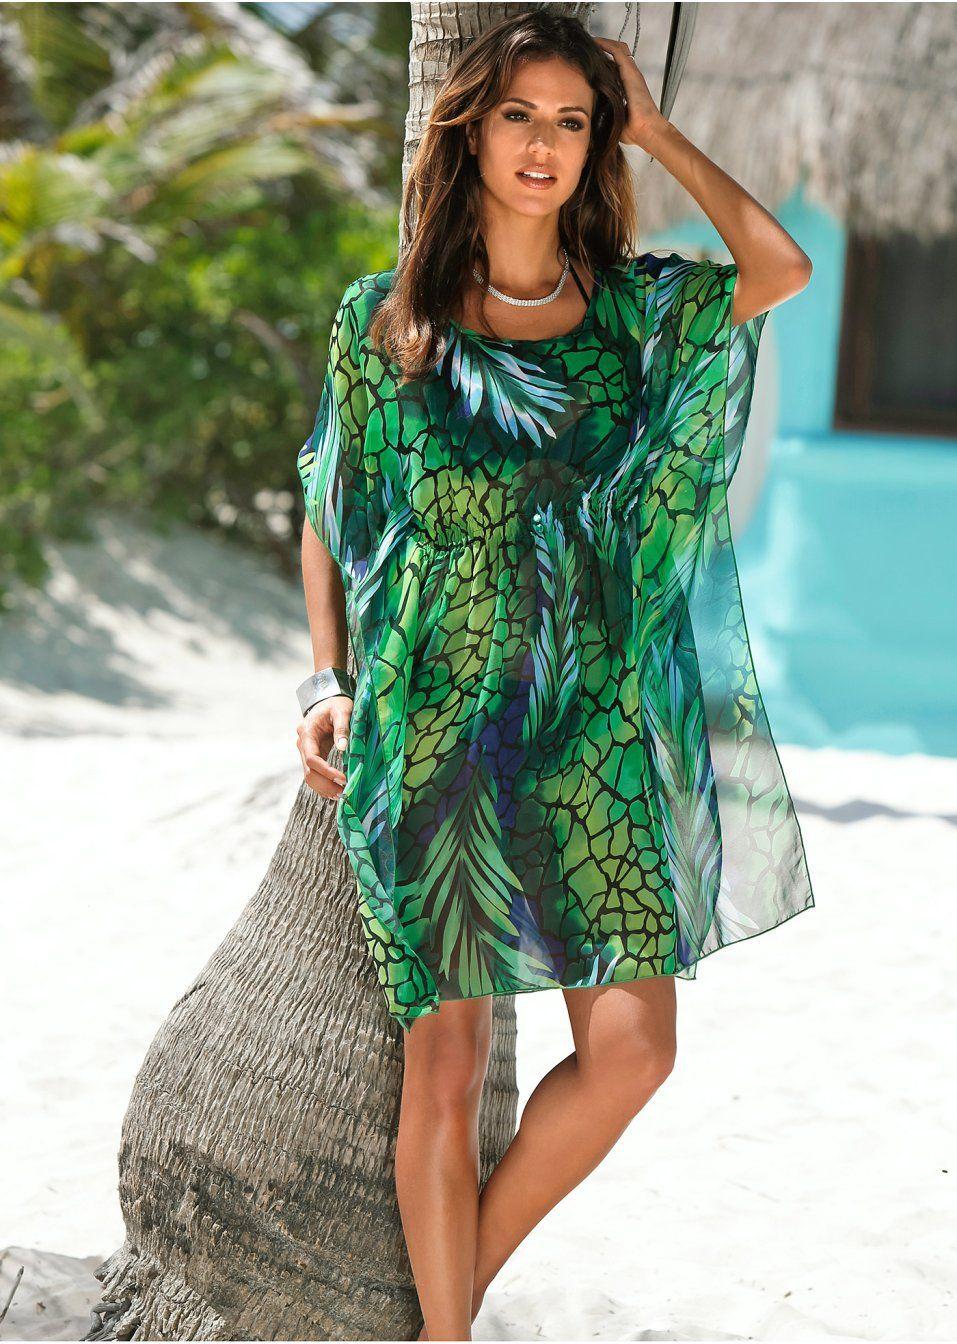 Bonprix - robe d'été Robe de bain vert pour femme Acheter La Meilleure Vente Pas Cher multicolore Vente En Ligne rllQtCiOp